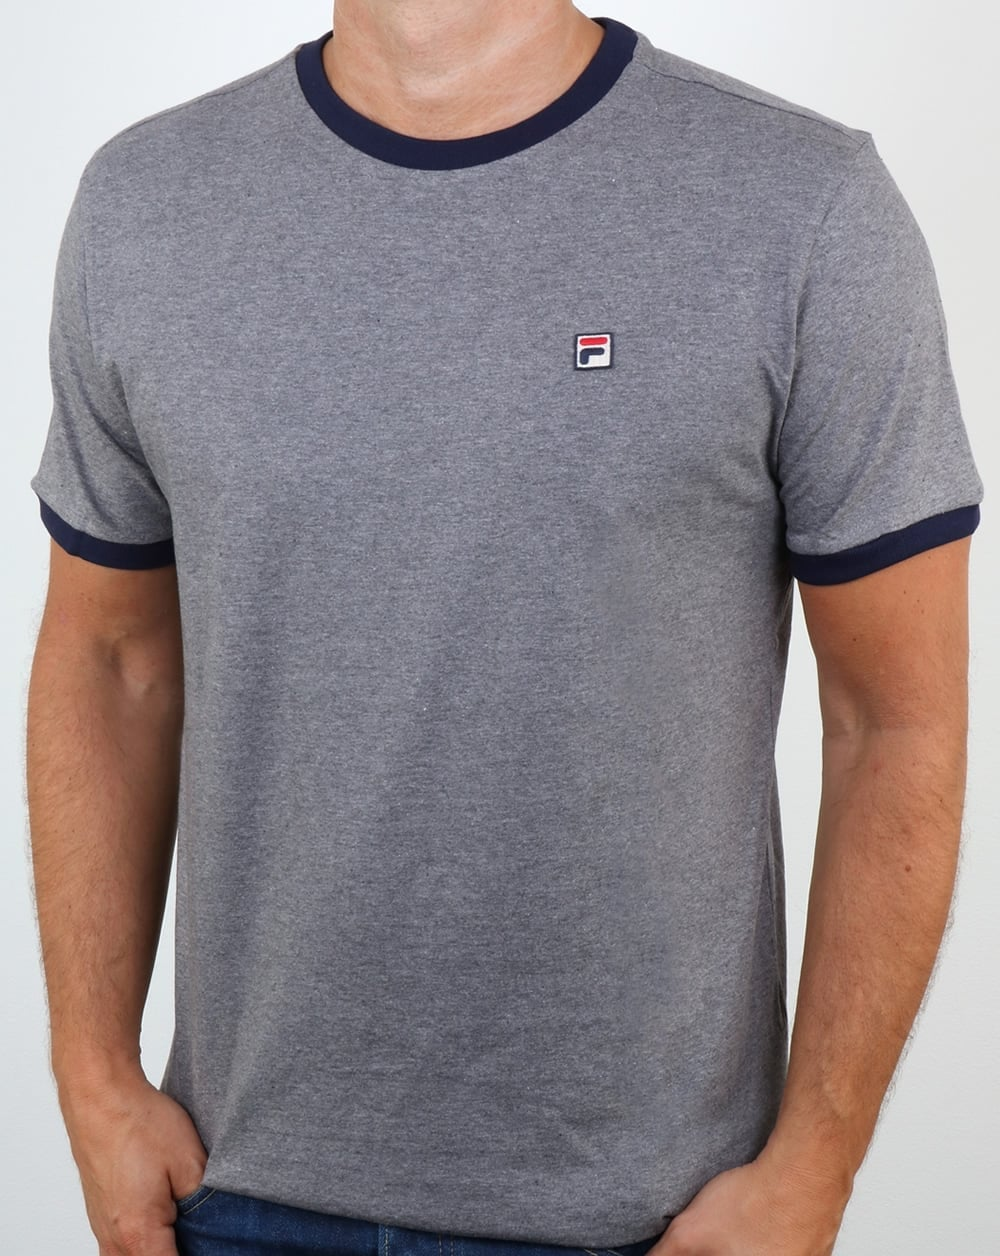 27d0129554d0 Fila Vintage Fila Vintage Ringer T Shirt Grey Twist